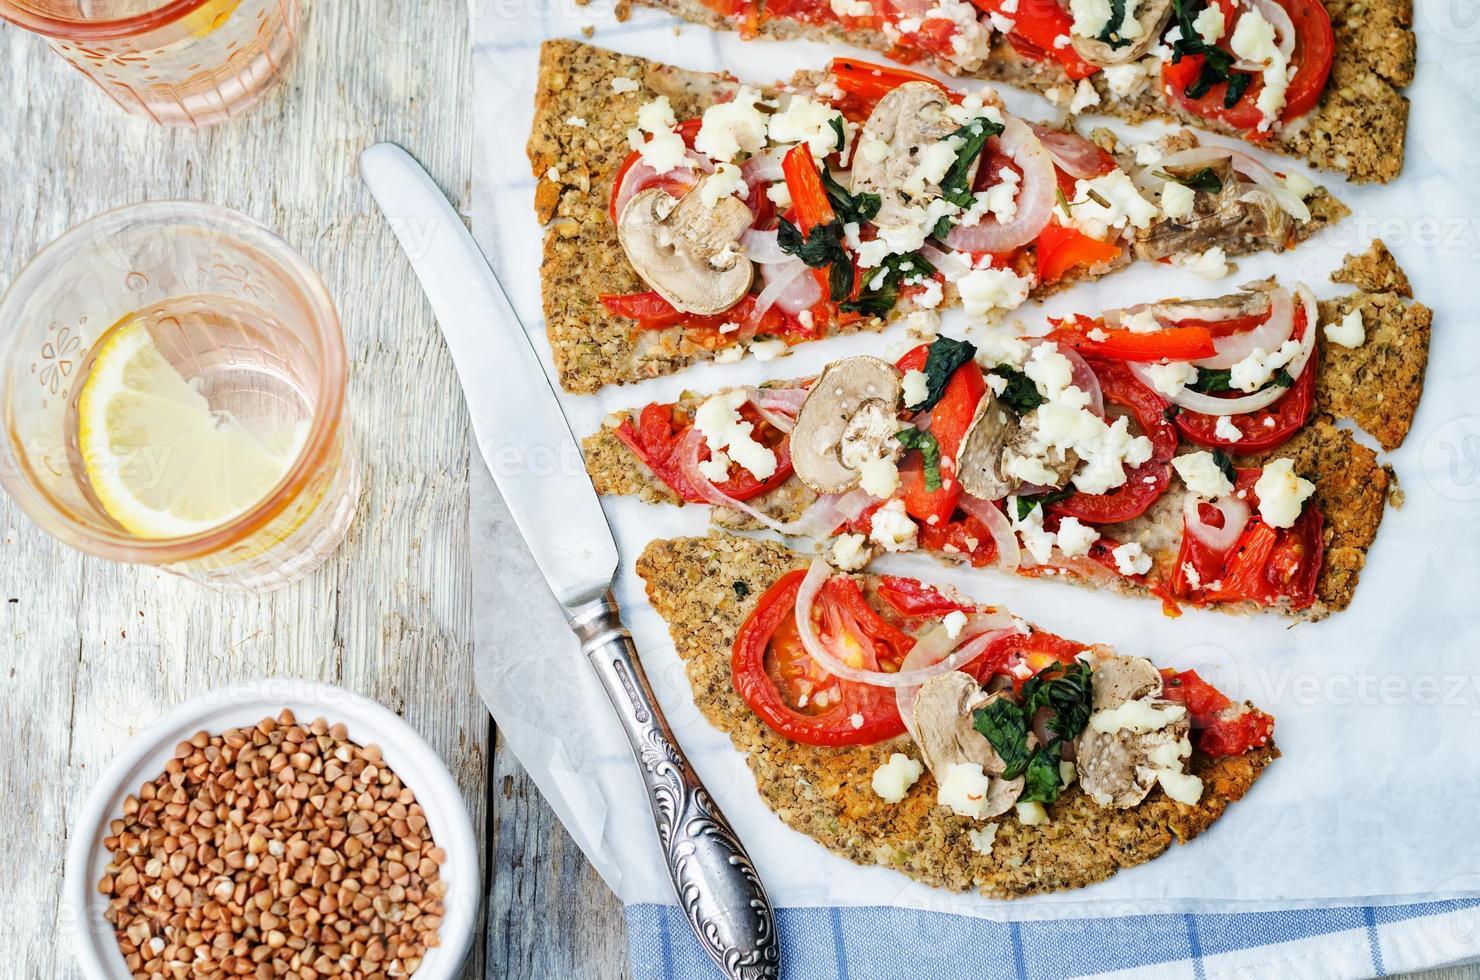 crosta di pizza con semi di chia grano saraceno con funghi, pomodoro foto